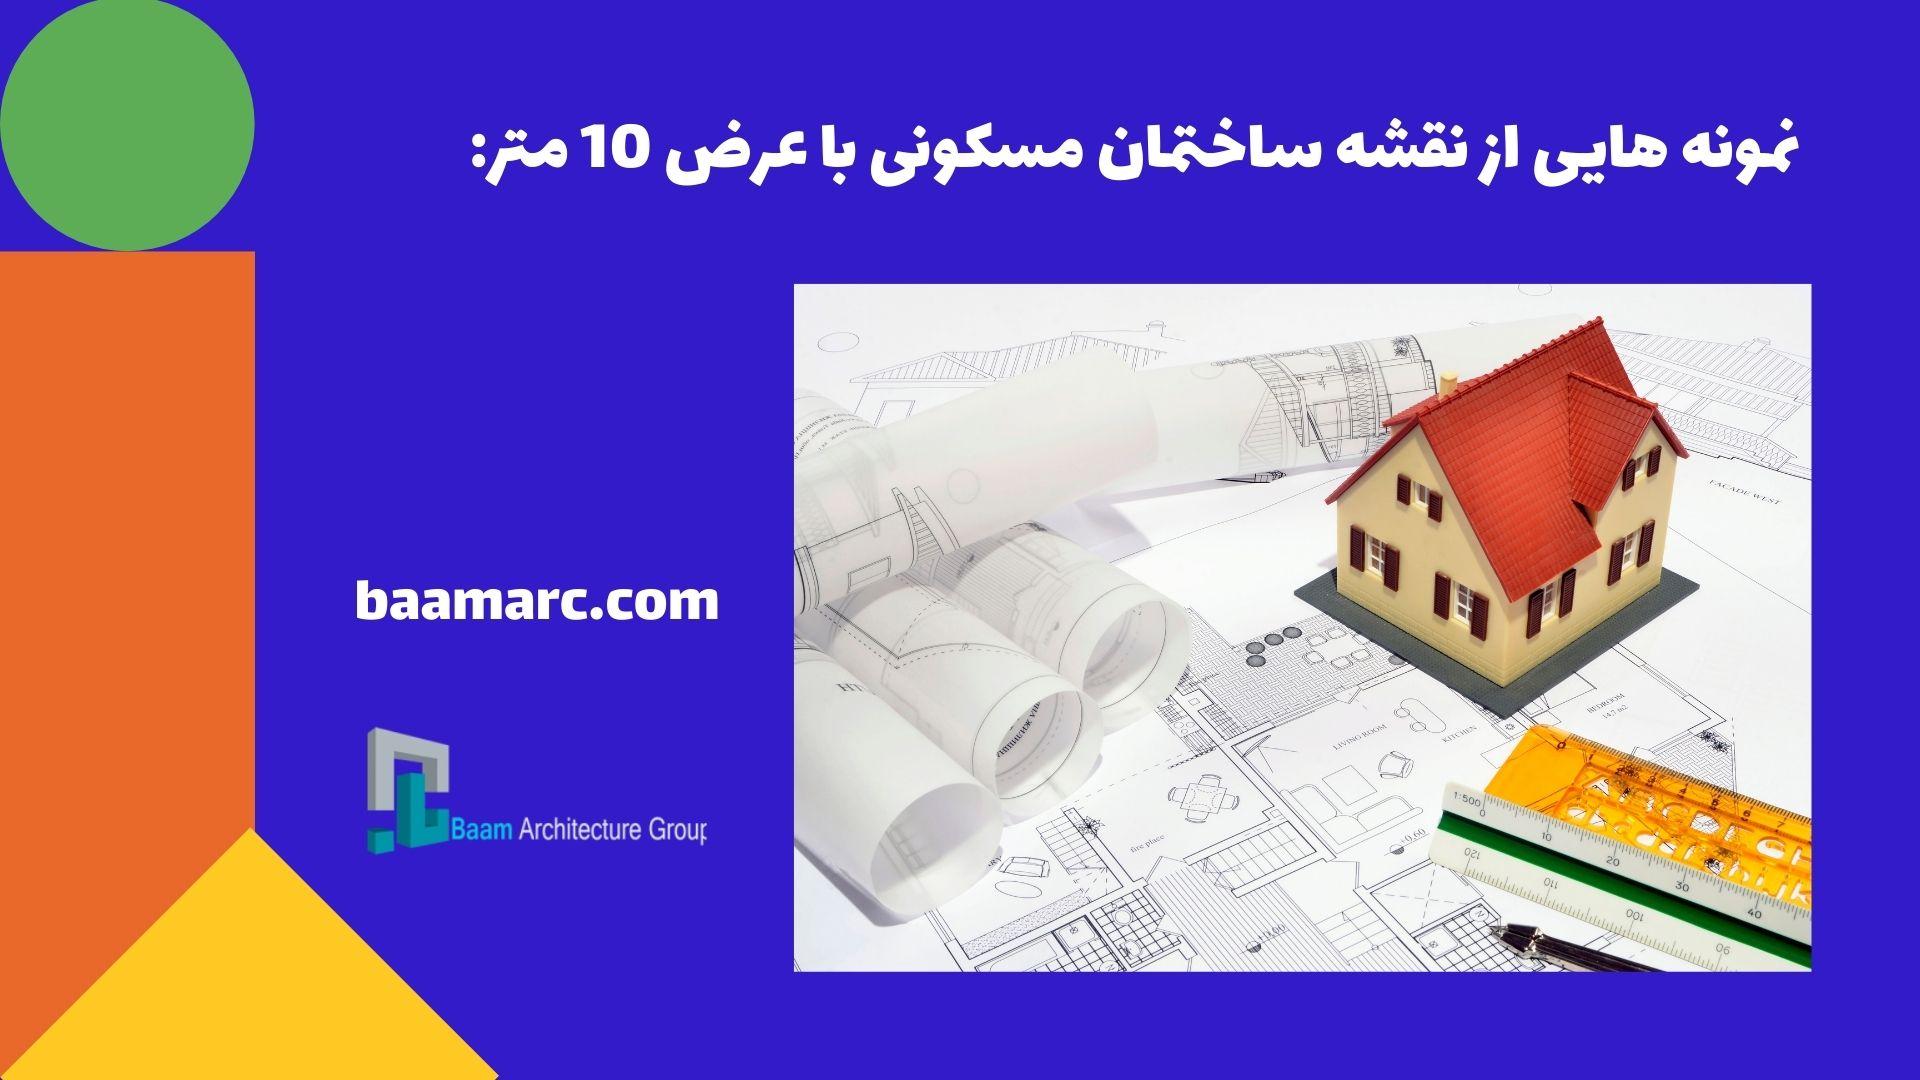 نمونه هایی از نقشه ساختمان مسکونی با عرض 10 متر: